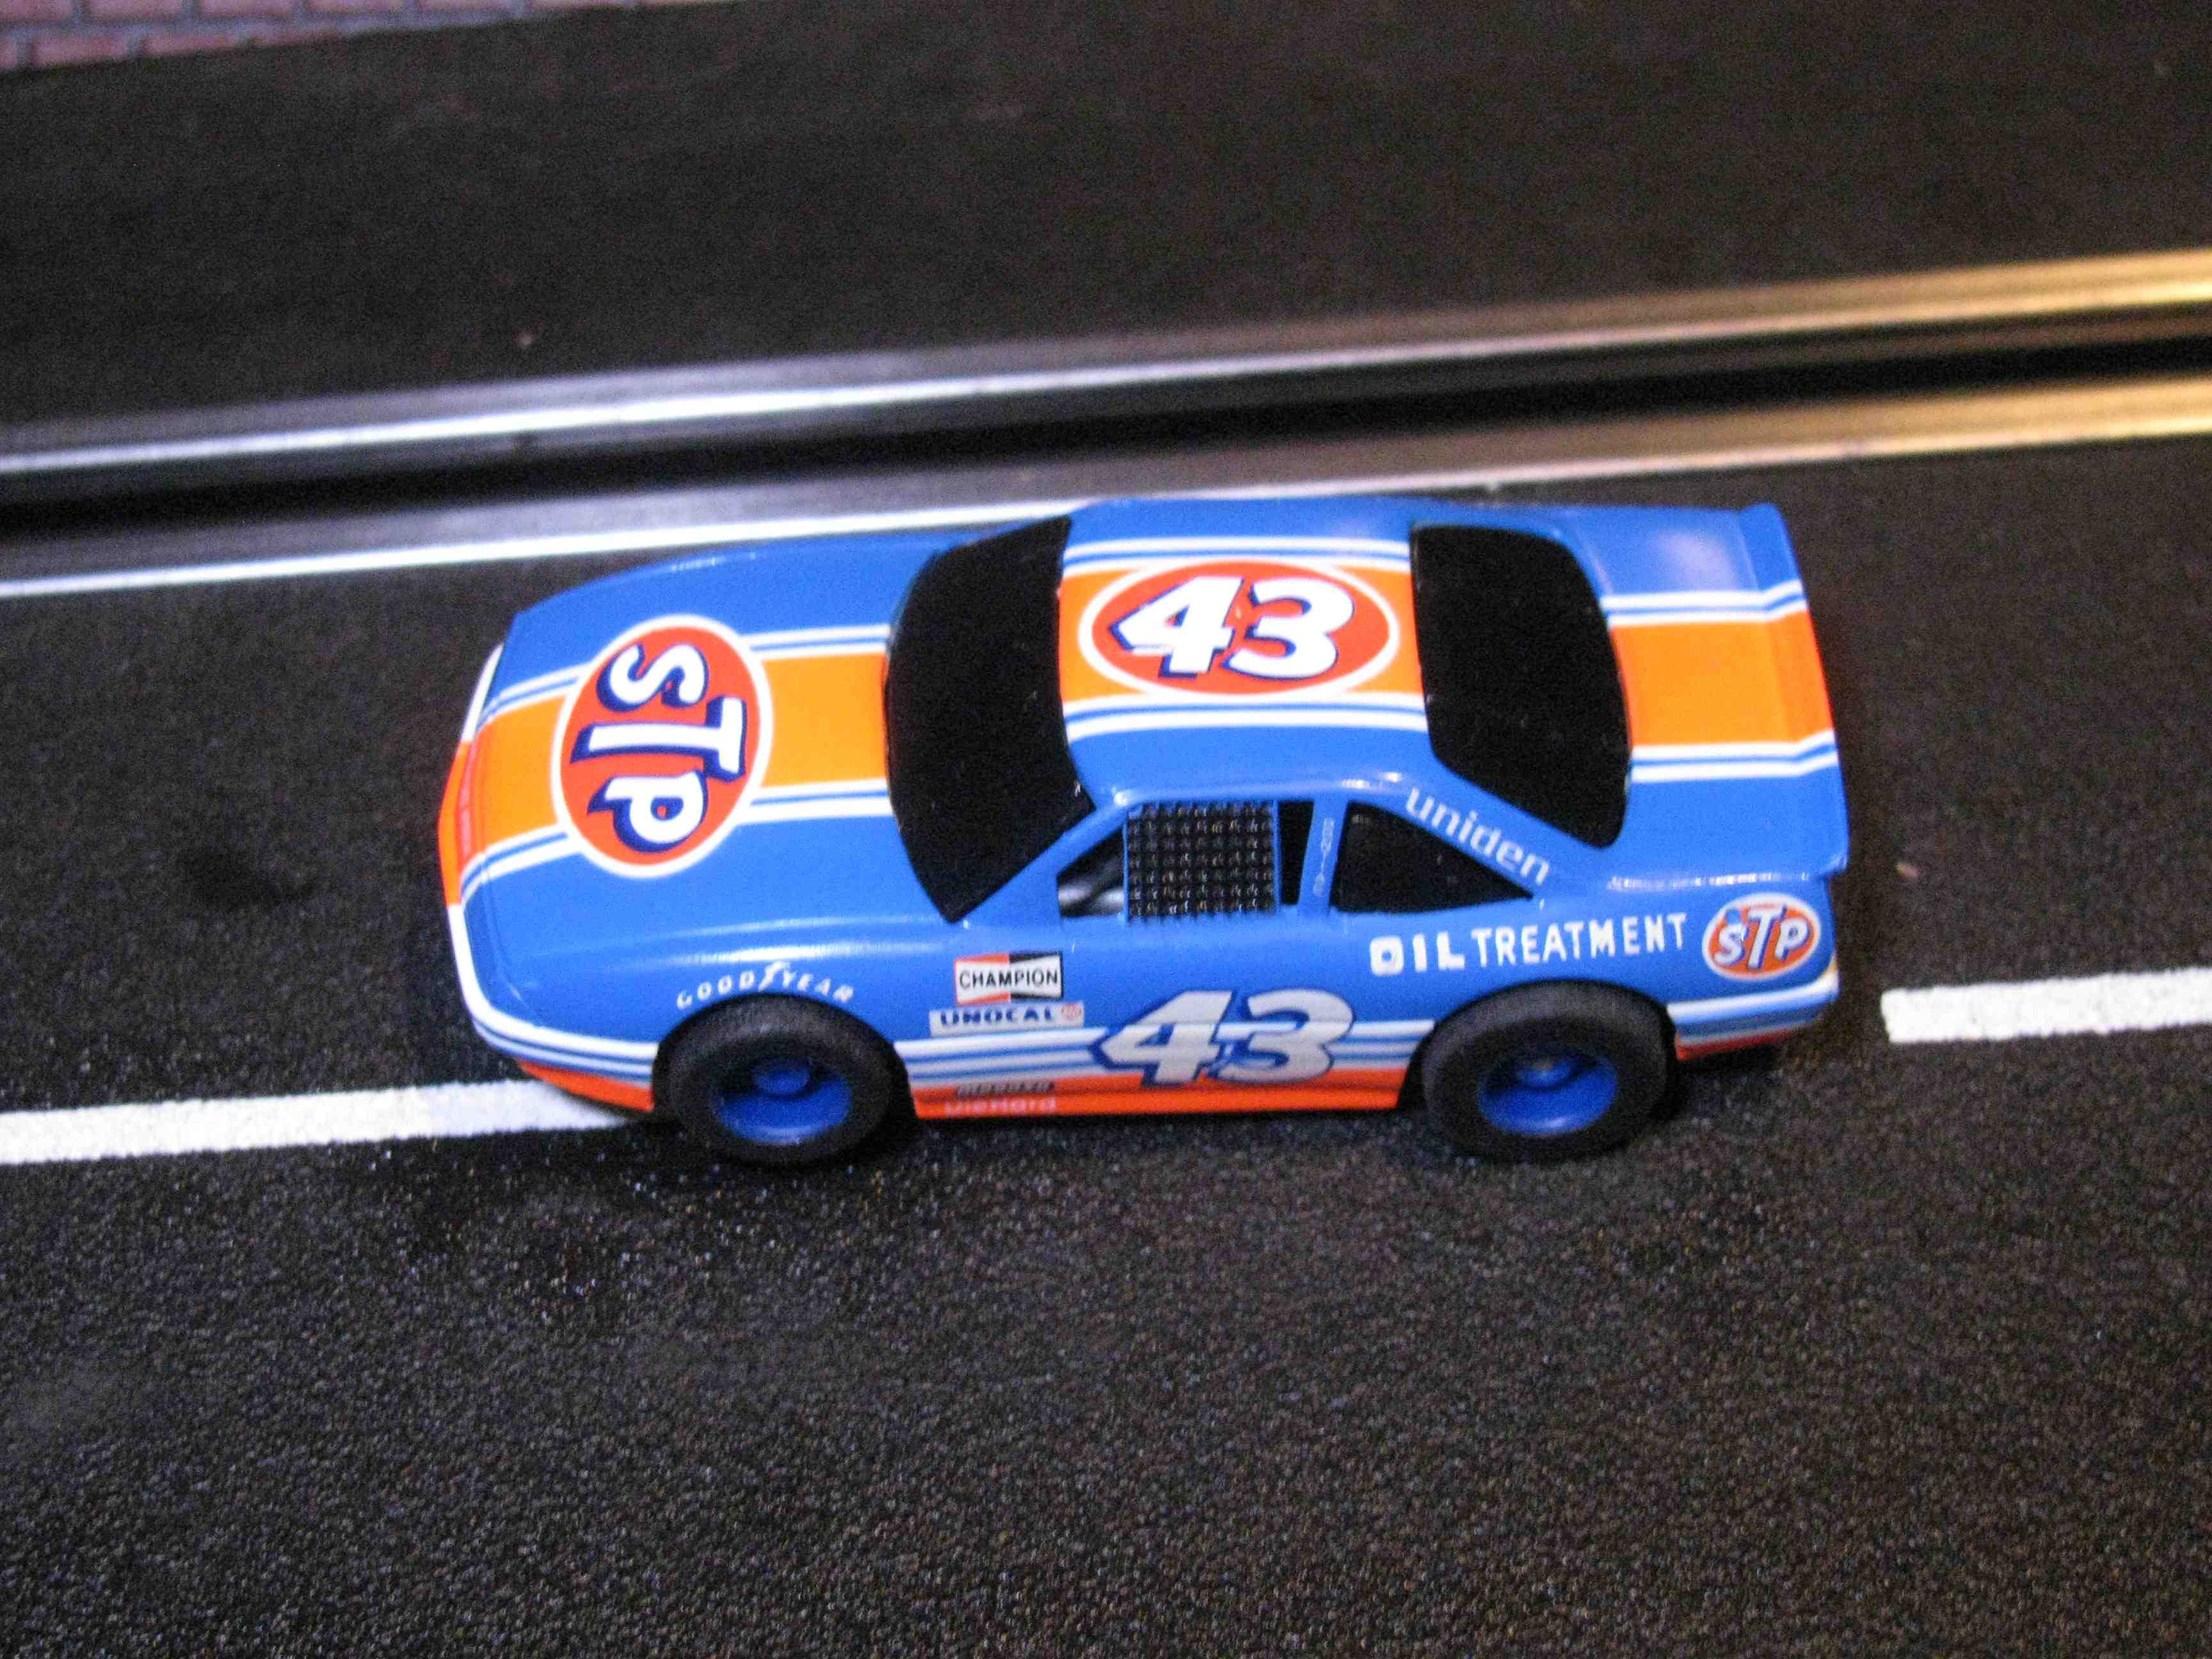 Tyco Like-Like Richard Petty HO Slot Car #43 - Grand Prix (STP) with Guide Post (1992)